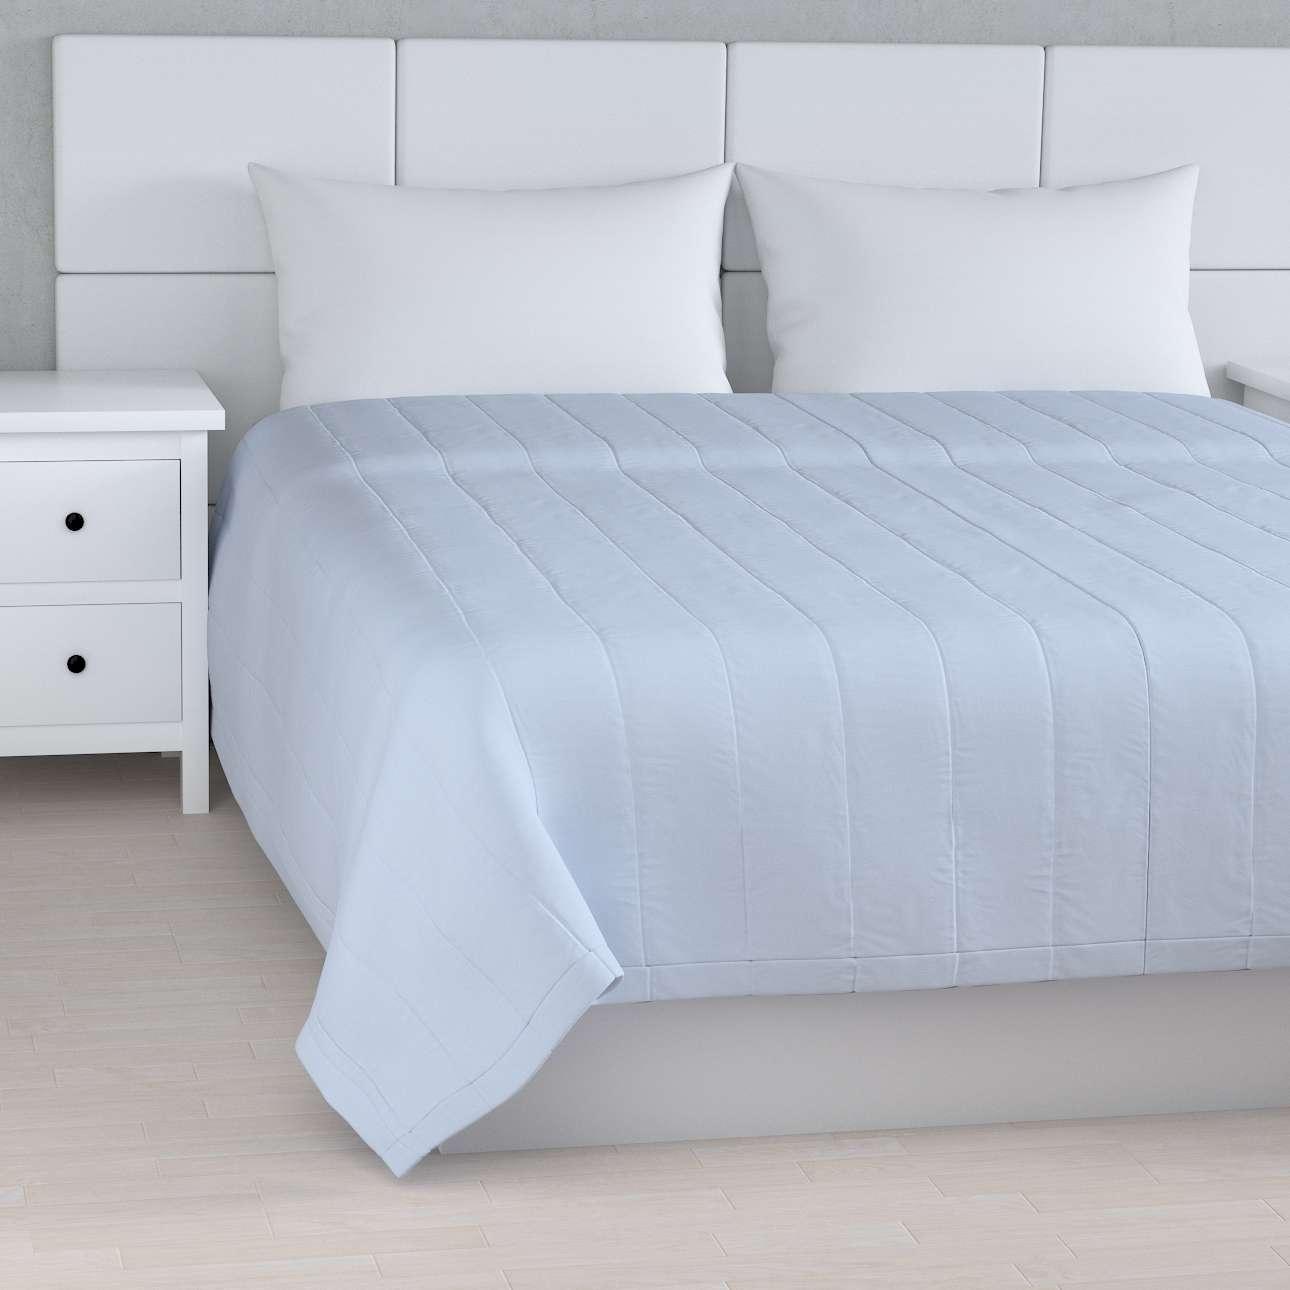 Prehoz na posteľ jednoduchý V kolekcii Loneta, tkanina: 133-35